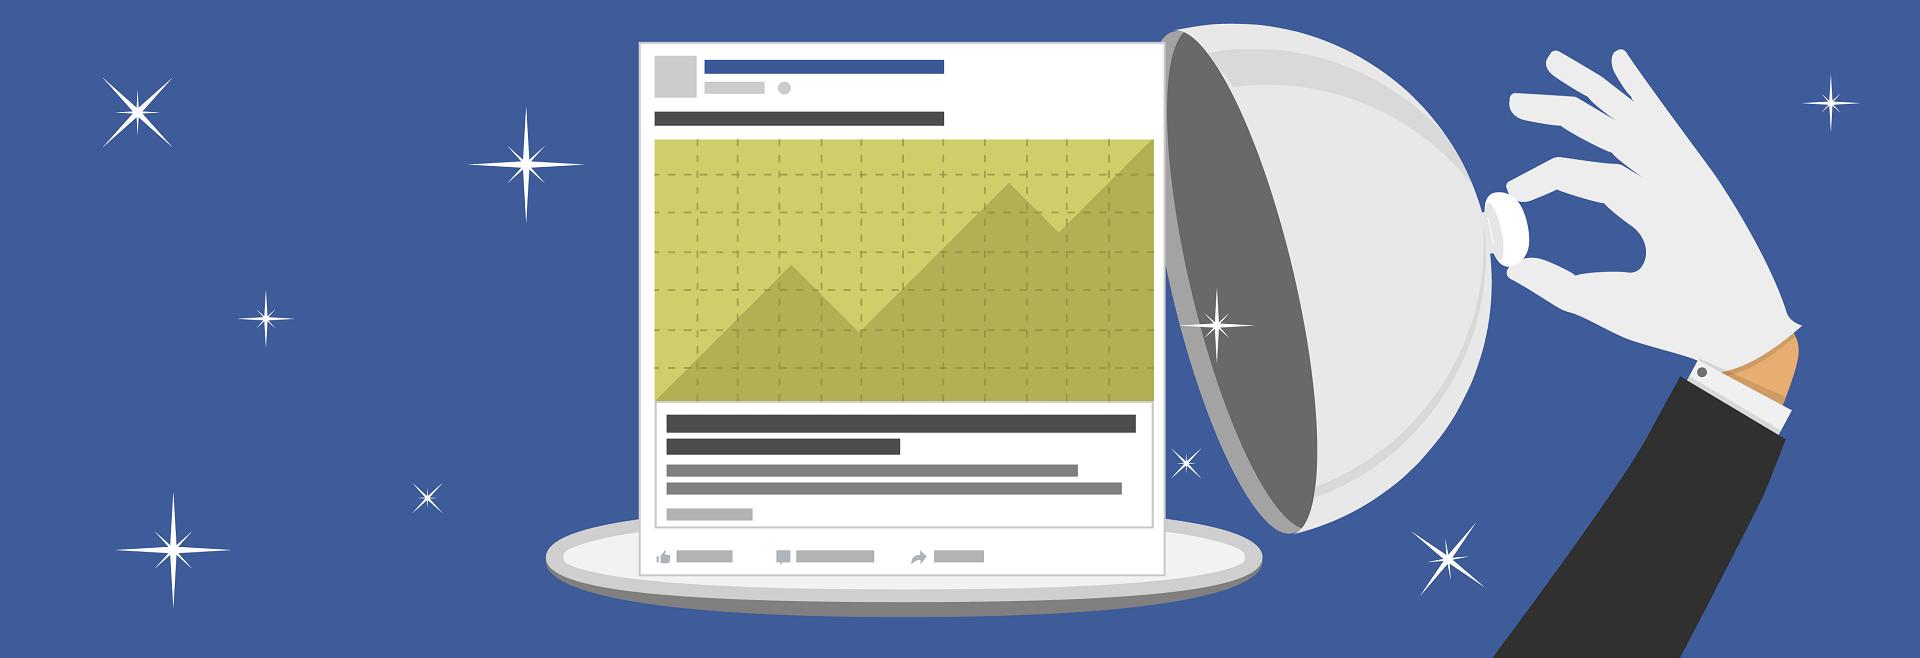 Hướng dẫn chạy quảng cáo Facebook bạn cần biết